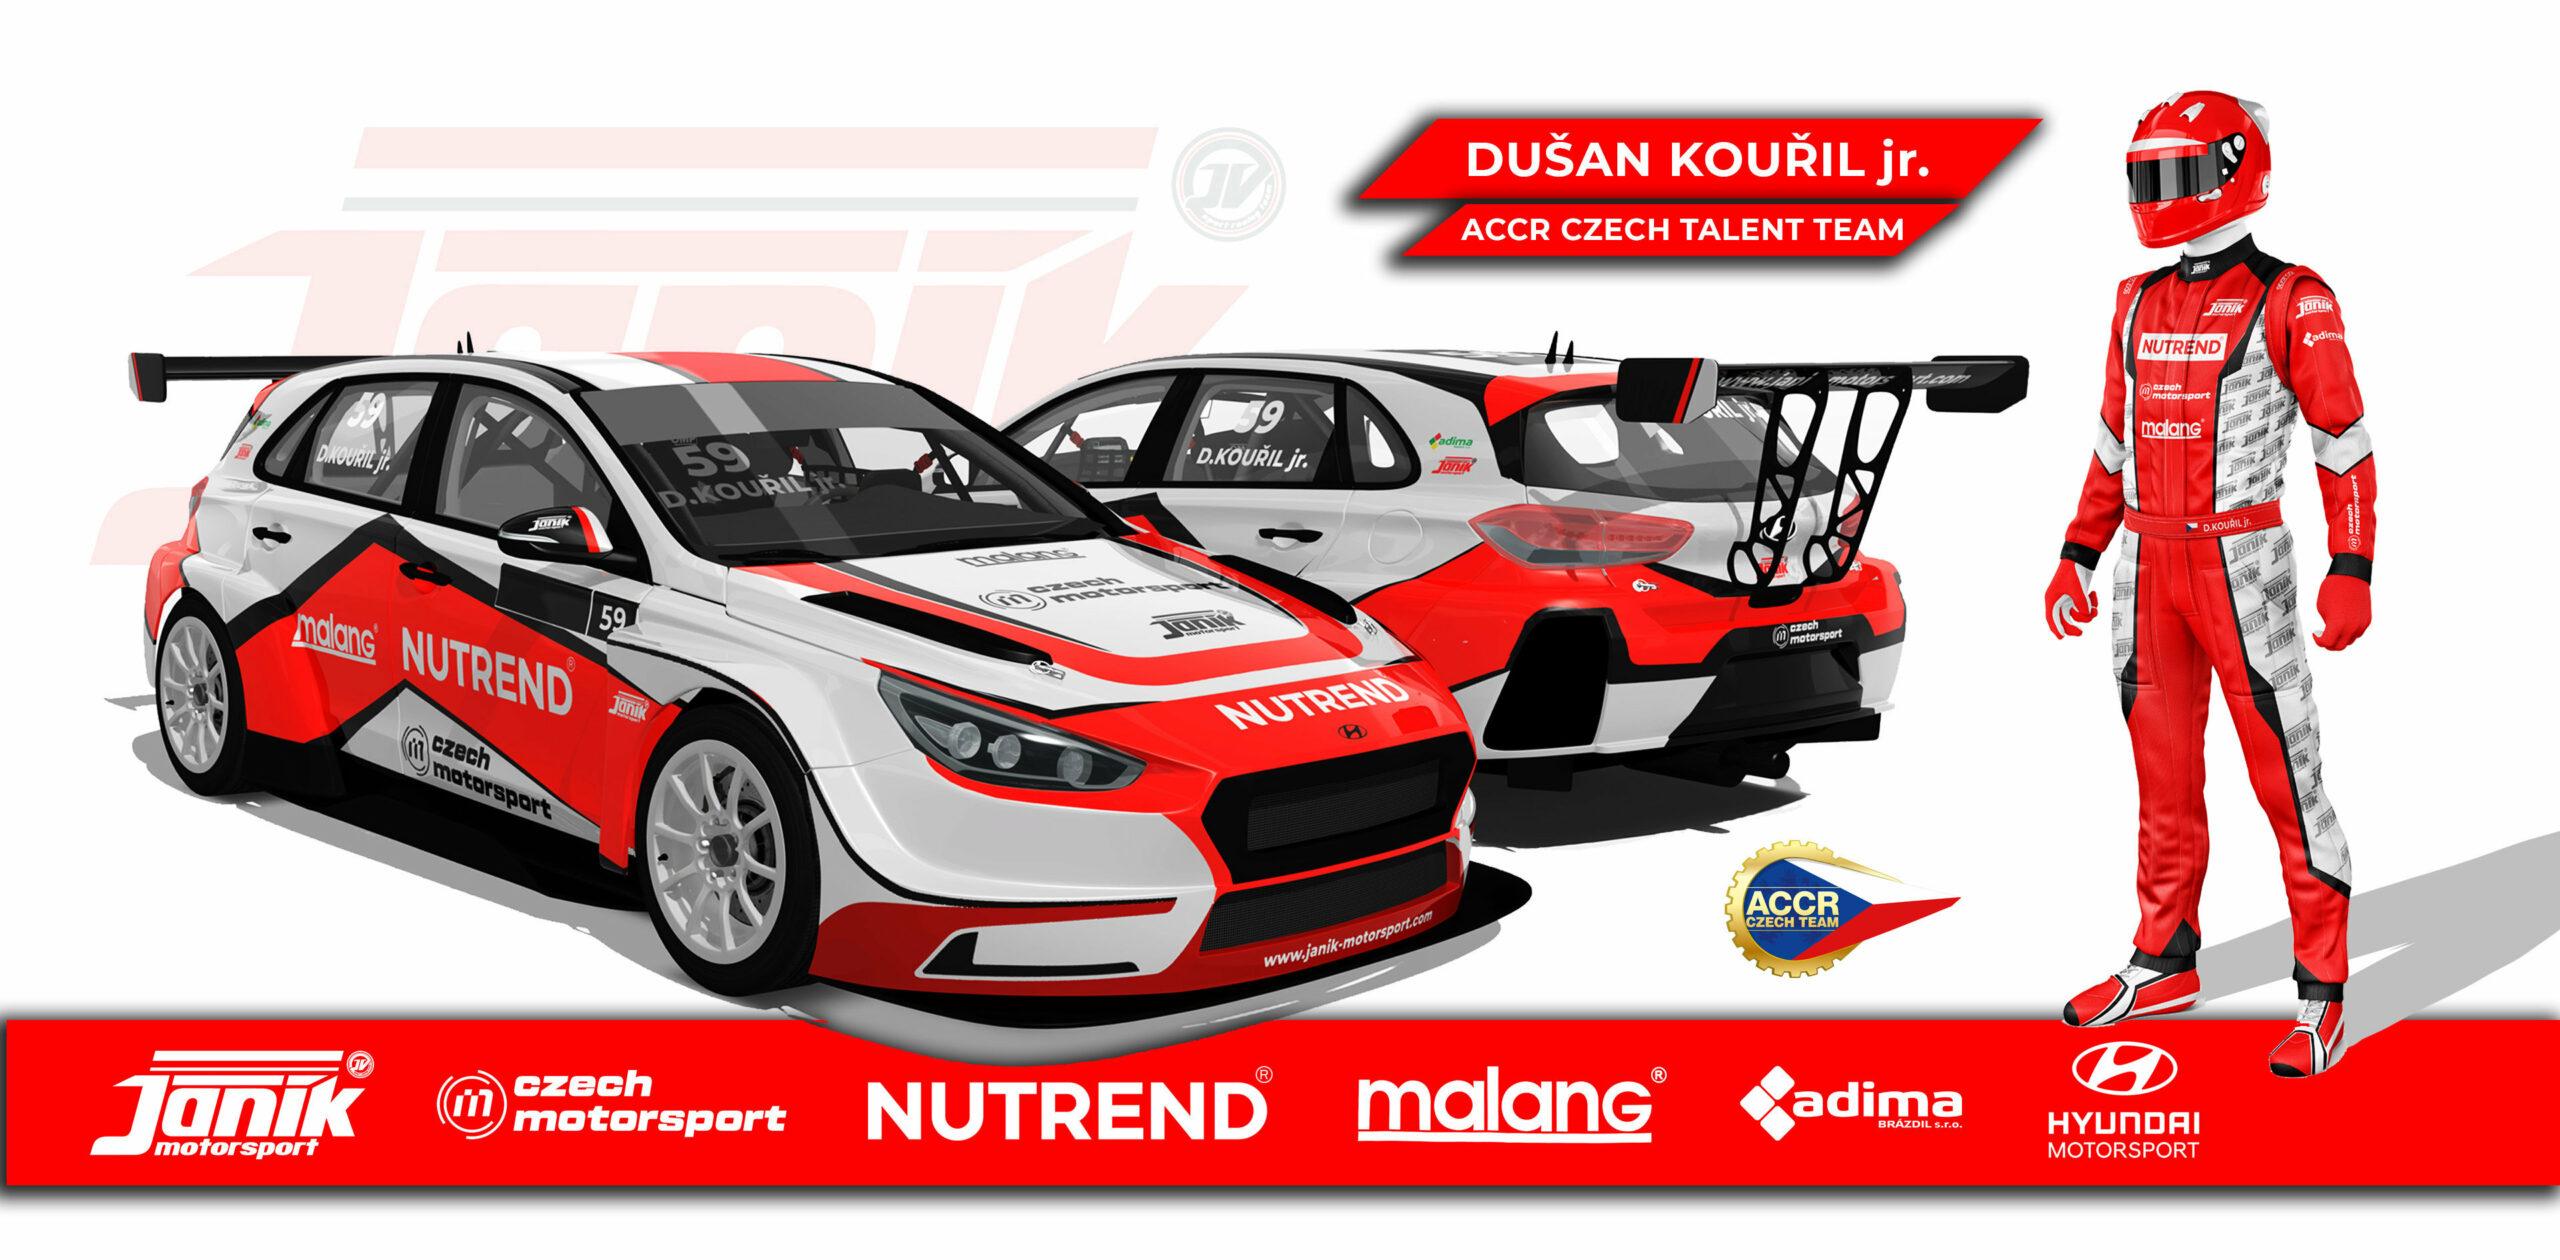 Kouřil joins forces with Janík Motorsport